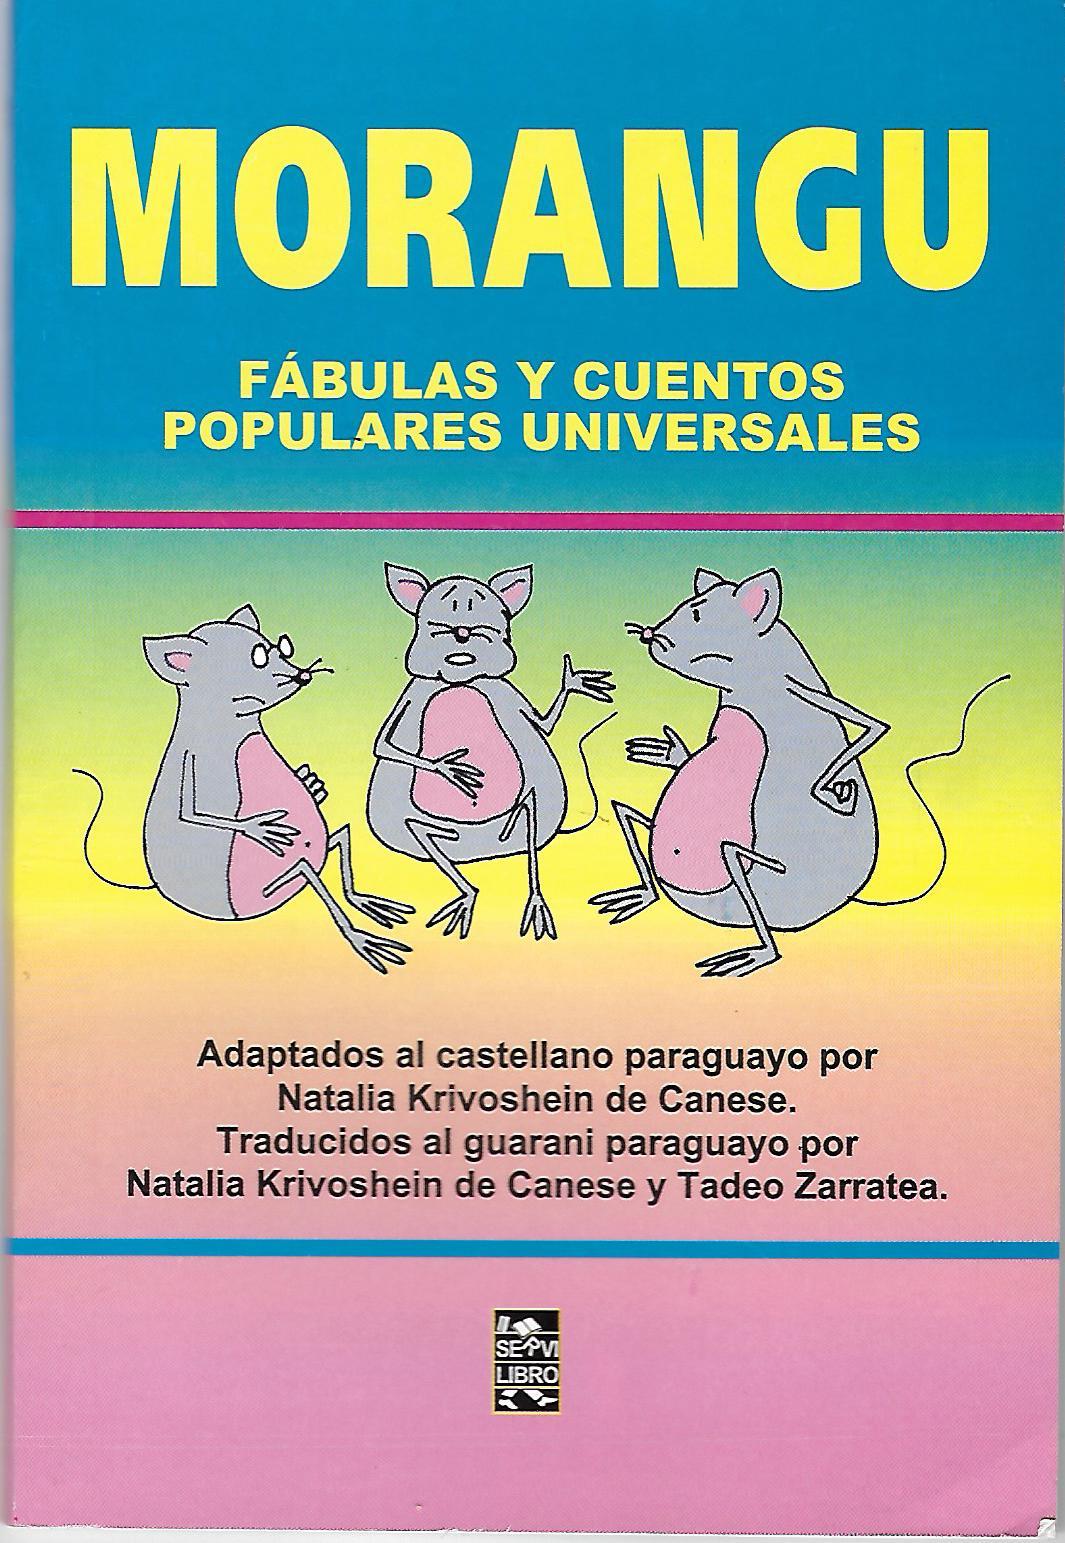 Morangu